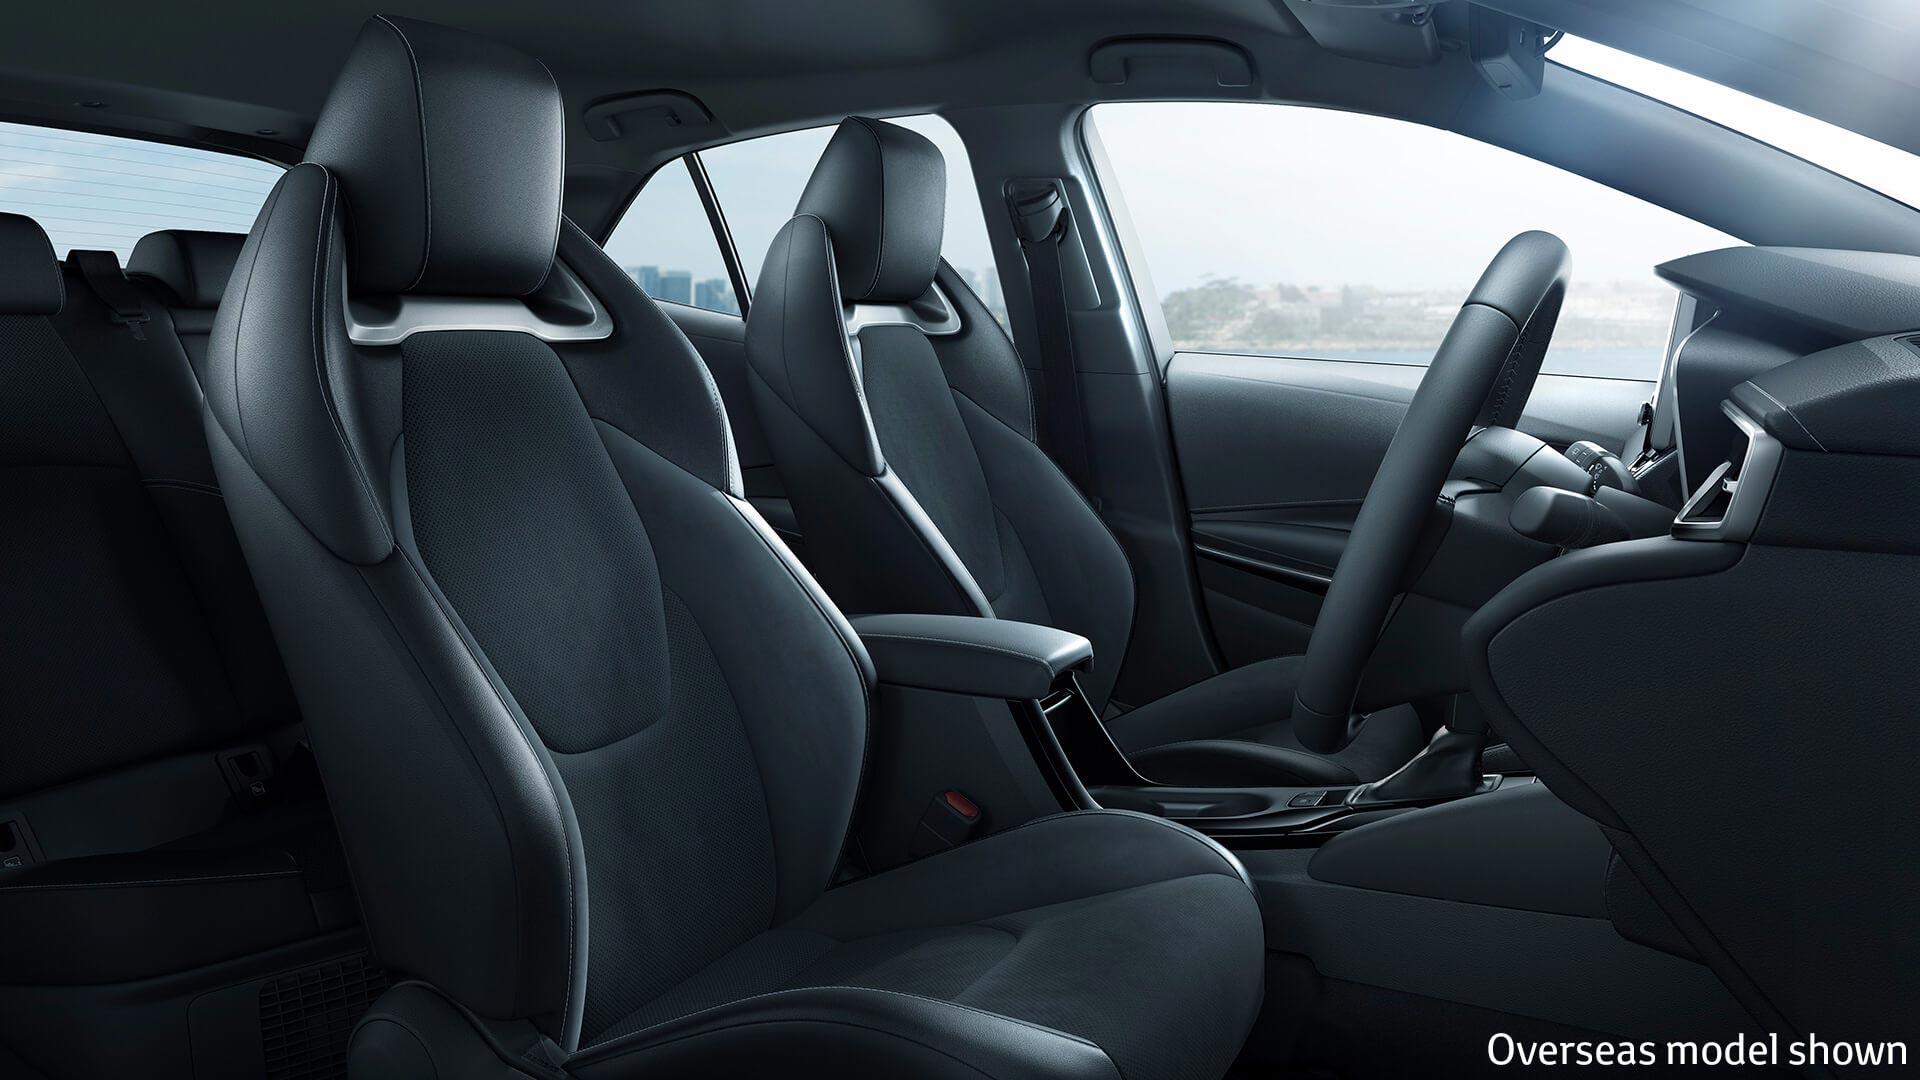 All New Corolla Interior